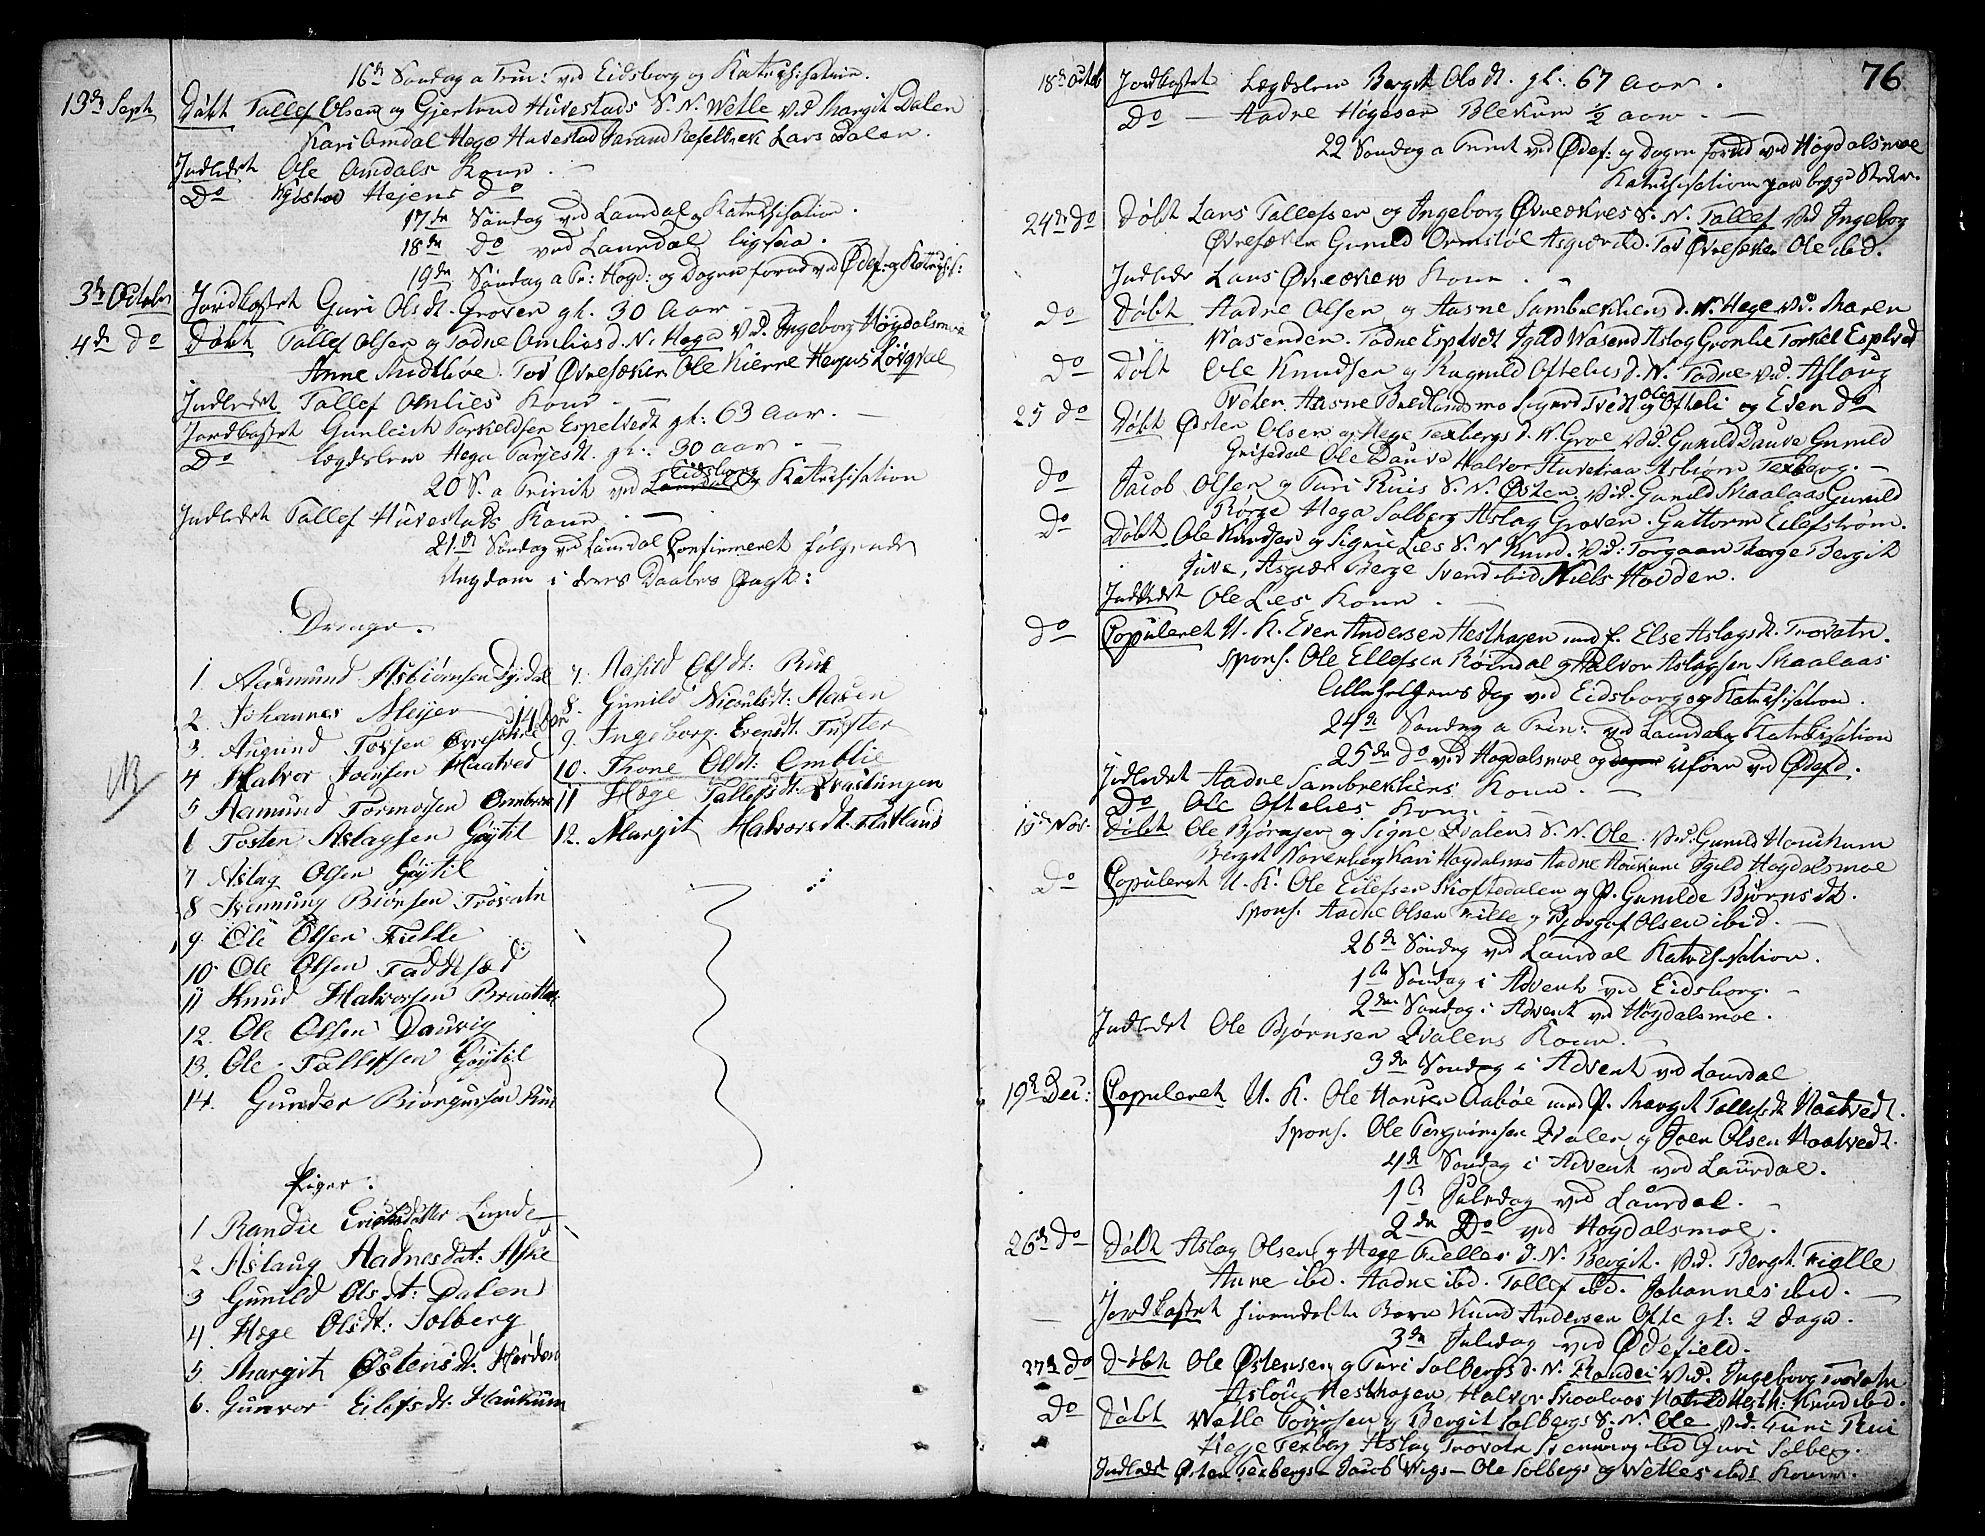 SAKO, Lårdal kirkebøker, F/Fa/L0004: Ministerialbok nr. I 4, 1790-1814, s. 76